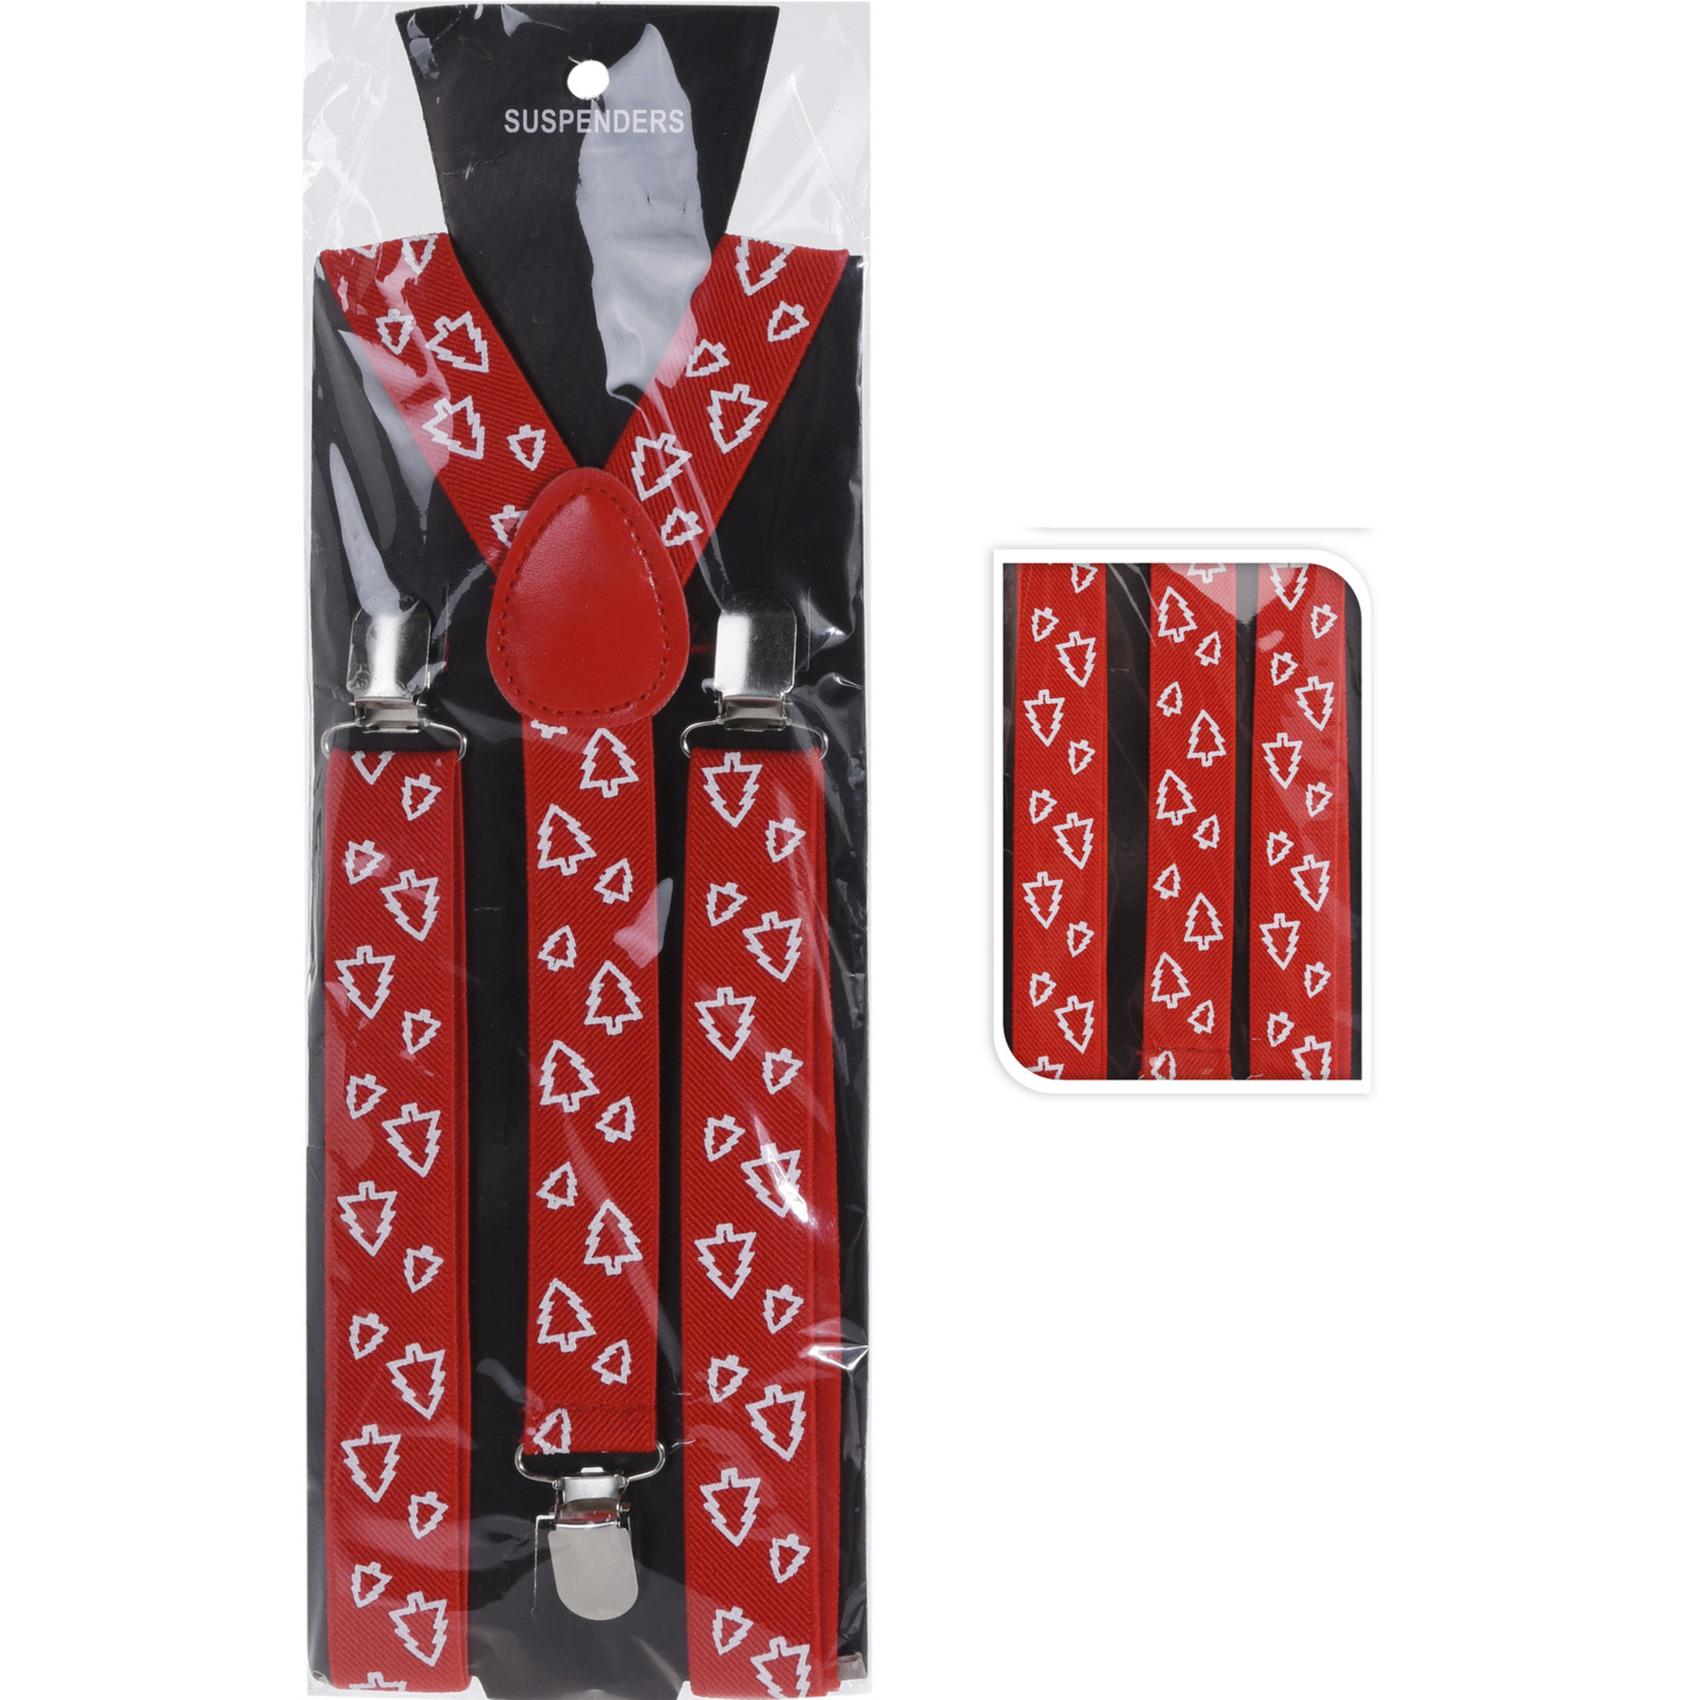 Rode kerst bretels met kerstbomen kerstaccessoires voor volwassenen